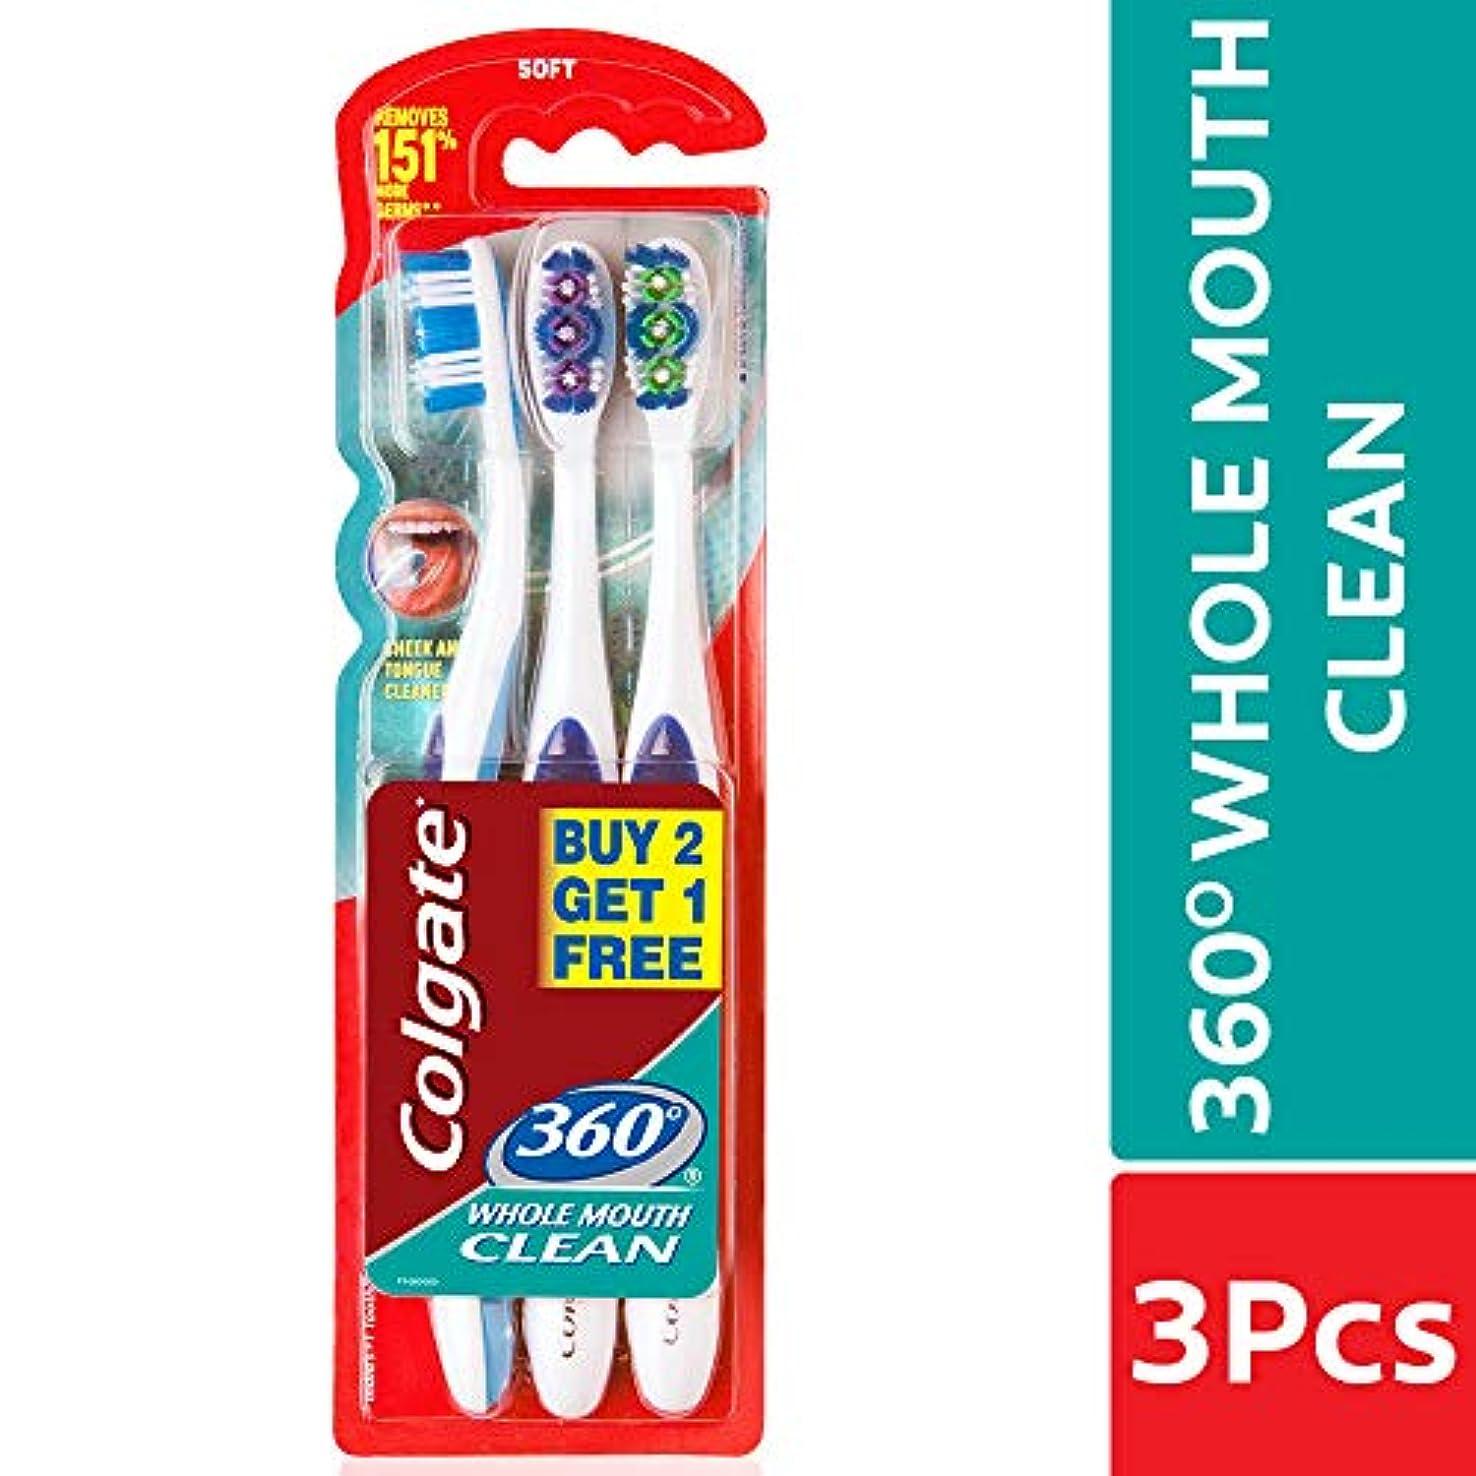 記念影のある事務所Colgate 360 whole mouth clean (MEDIUM) toothbrush (3pc pack)